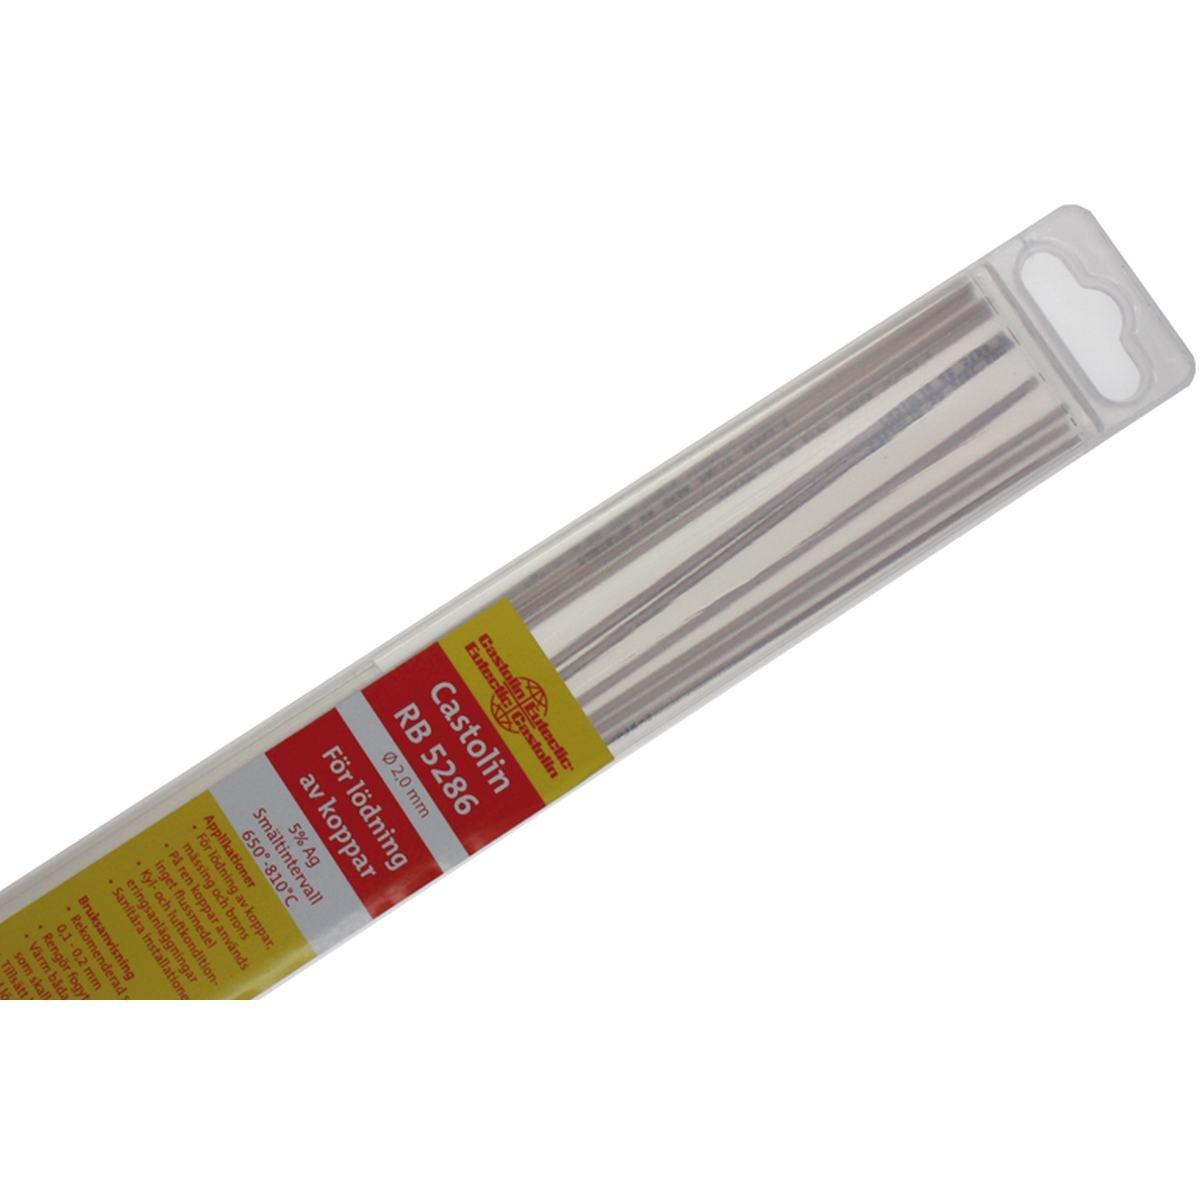 Kobber fosforlod 2,0 mm. 5% Ag - 10 stave